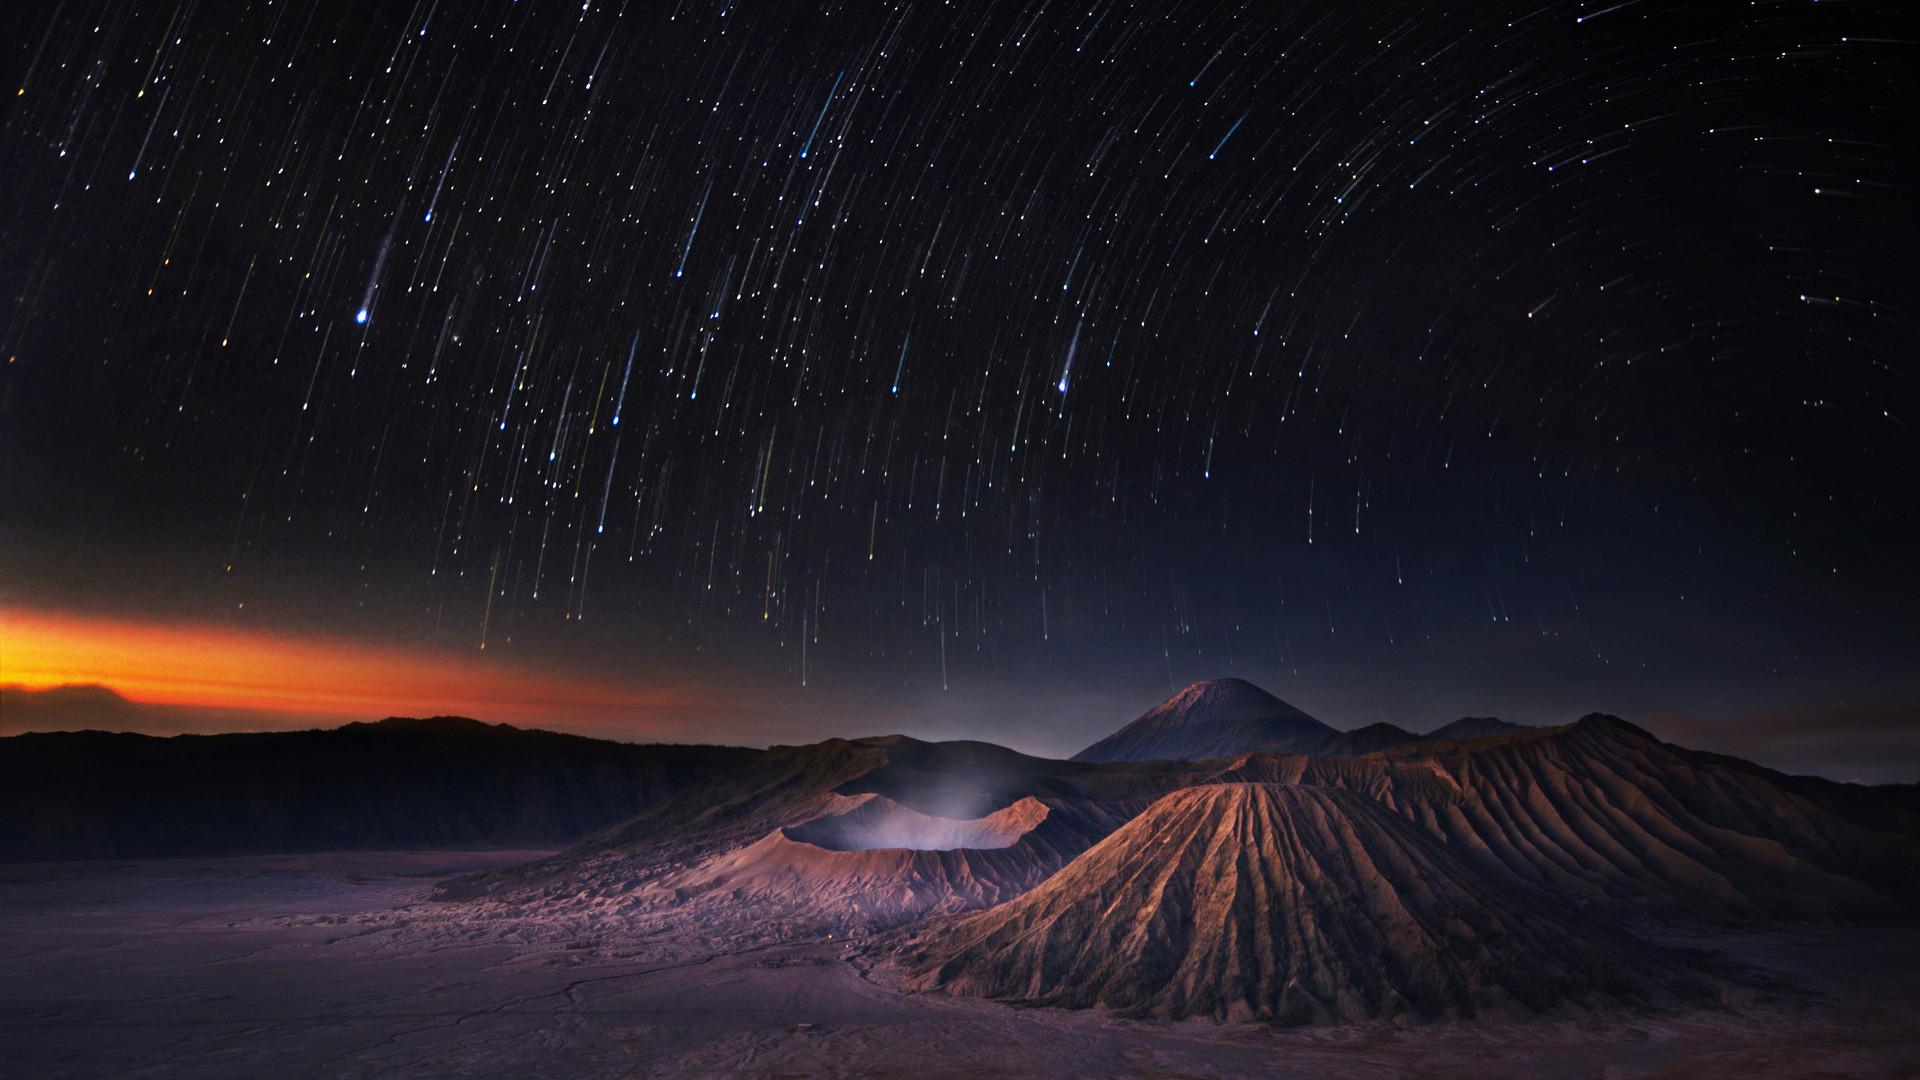 星空浪漫图片素材 炫彩宇宙星空唯美高清图片